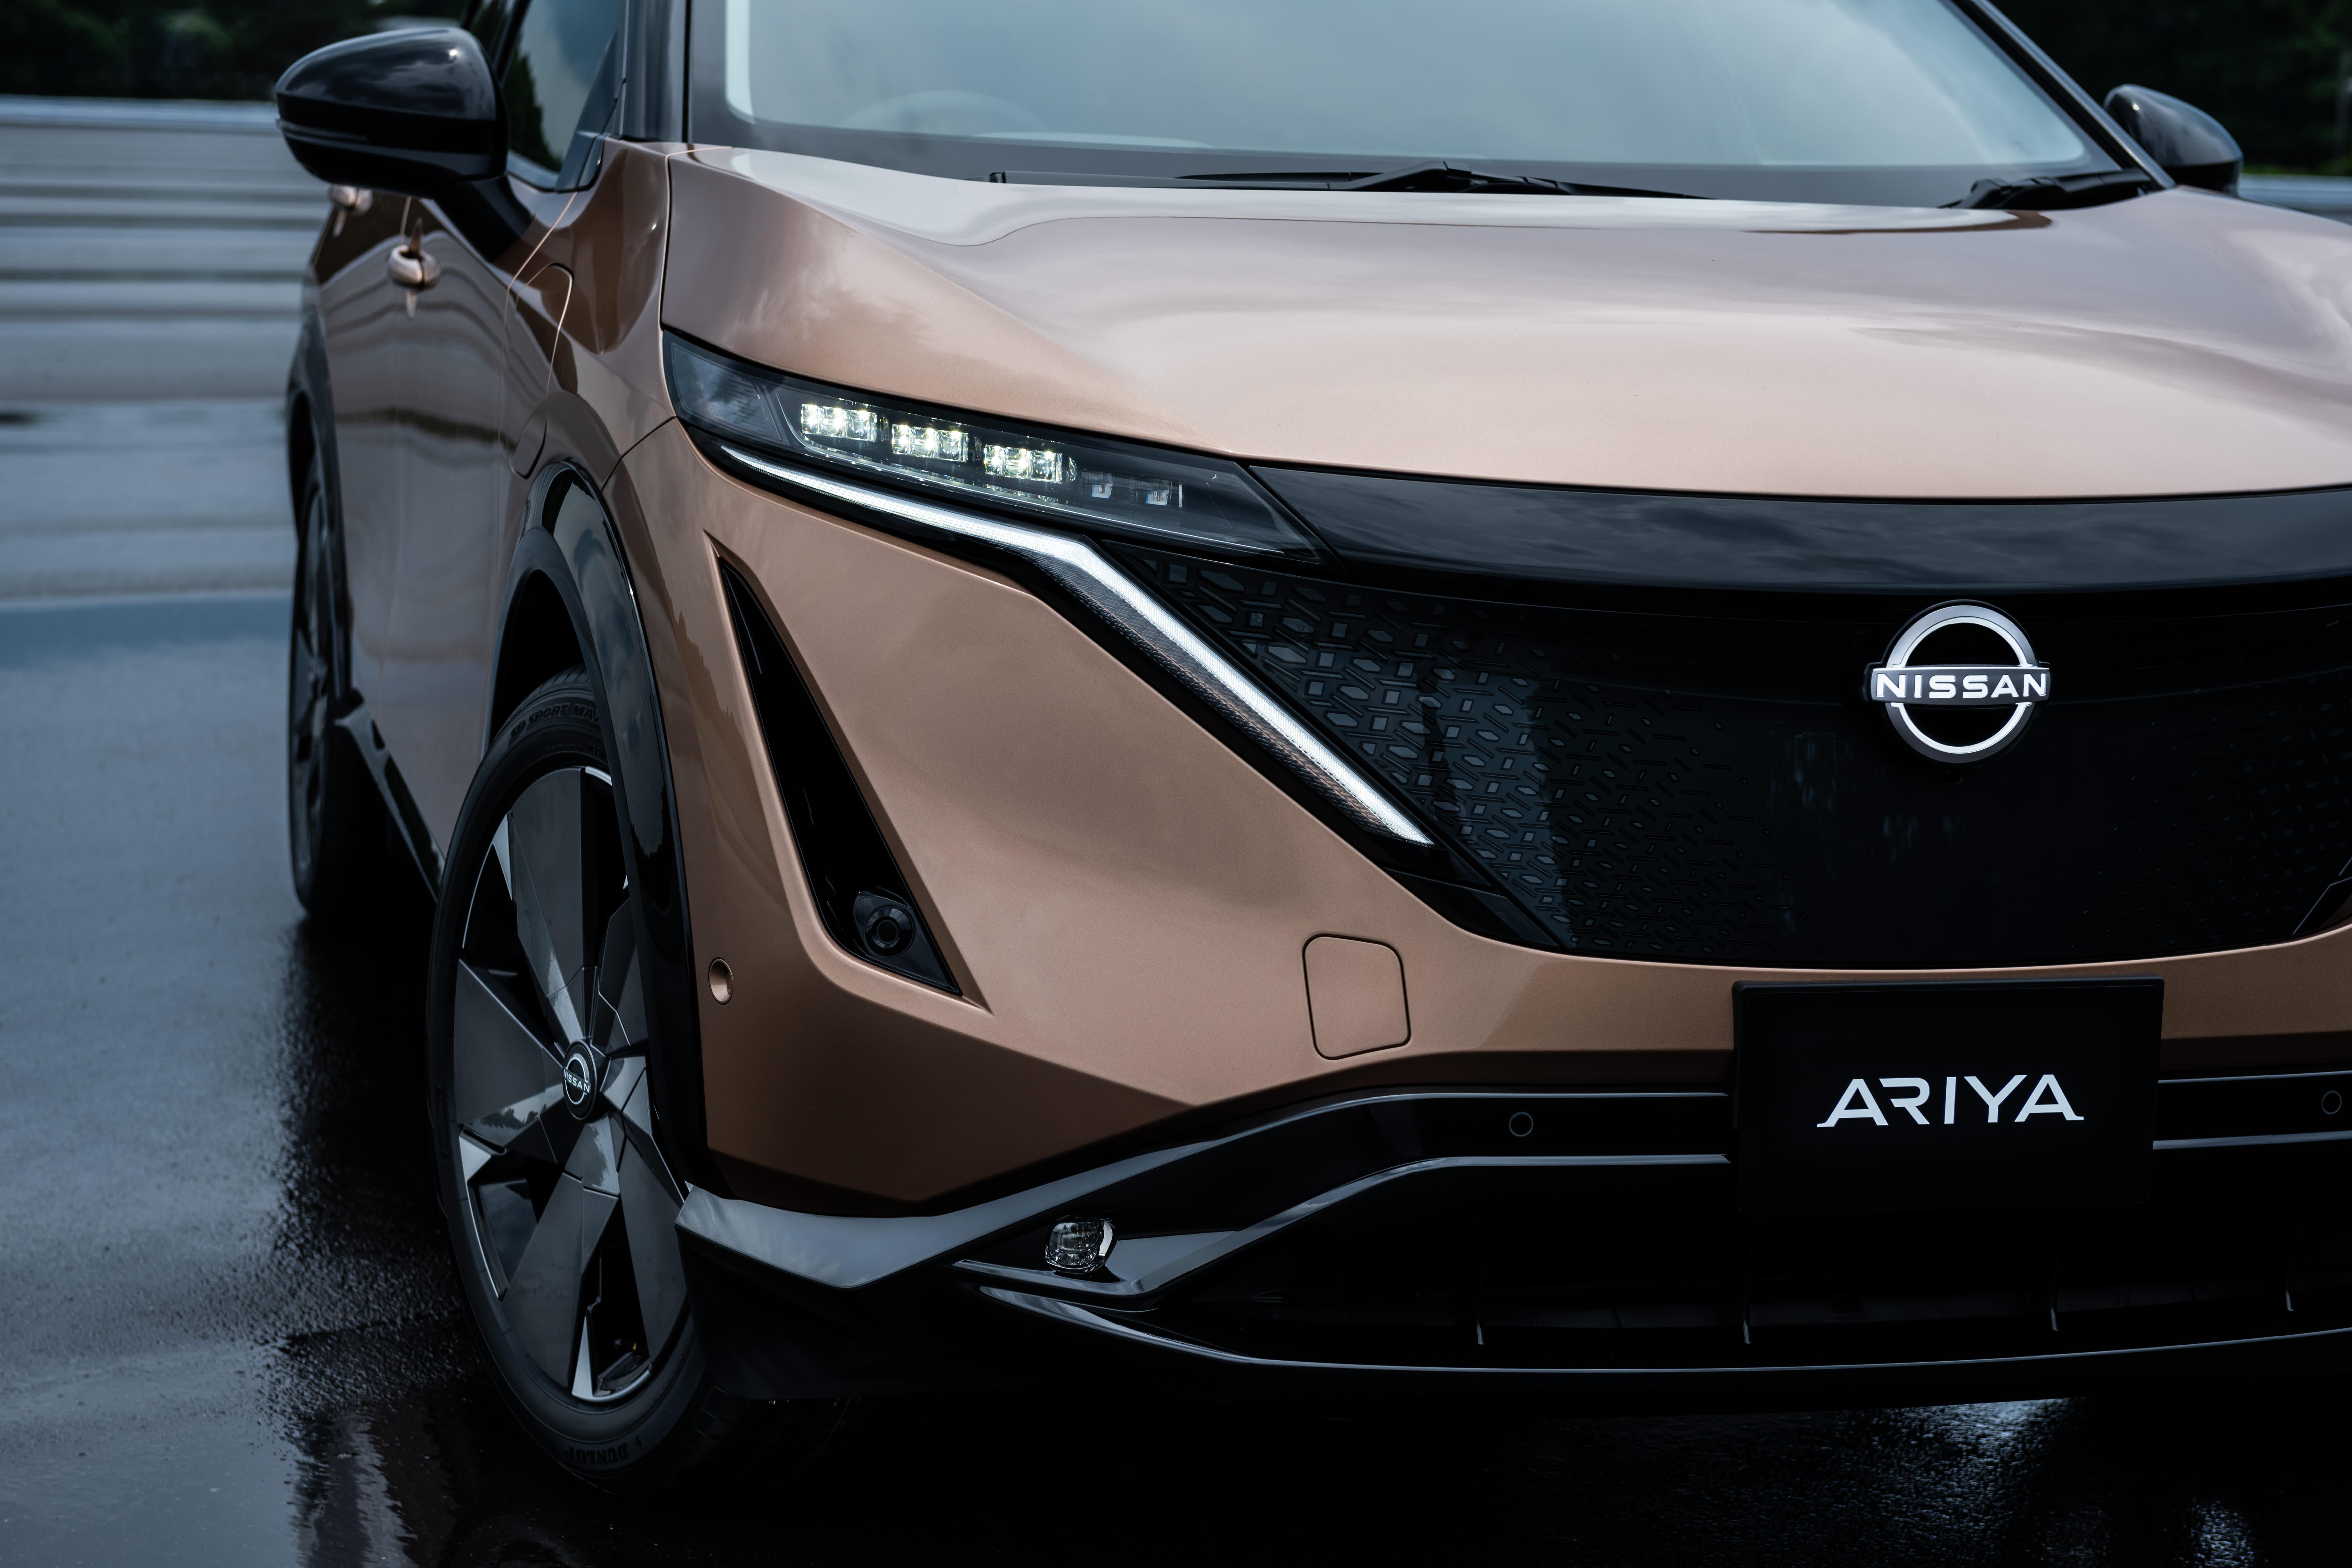 Nissan unveils all-electric Ariya crossover under turnaround plan